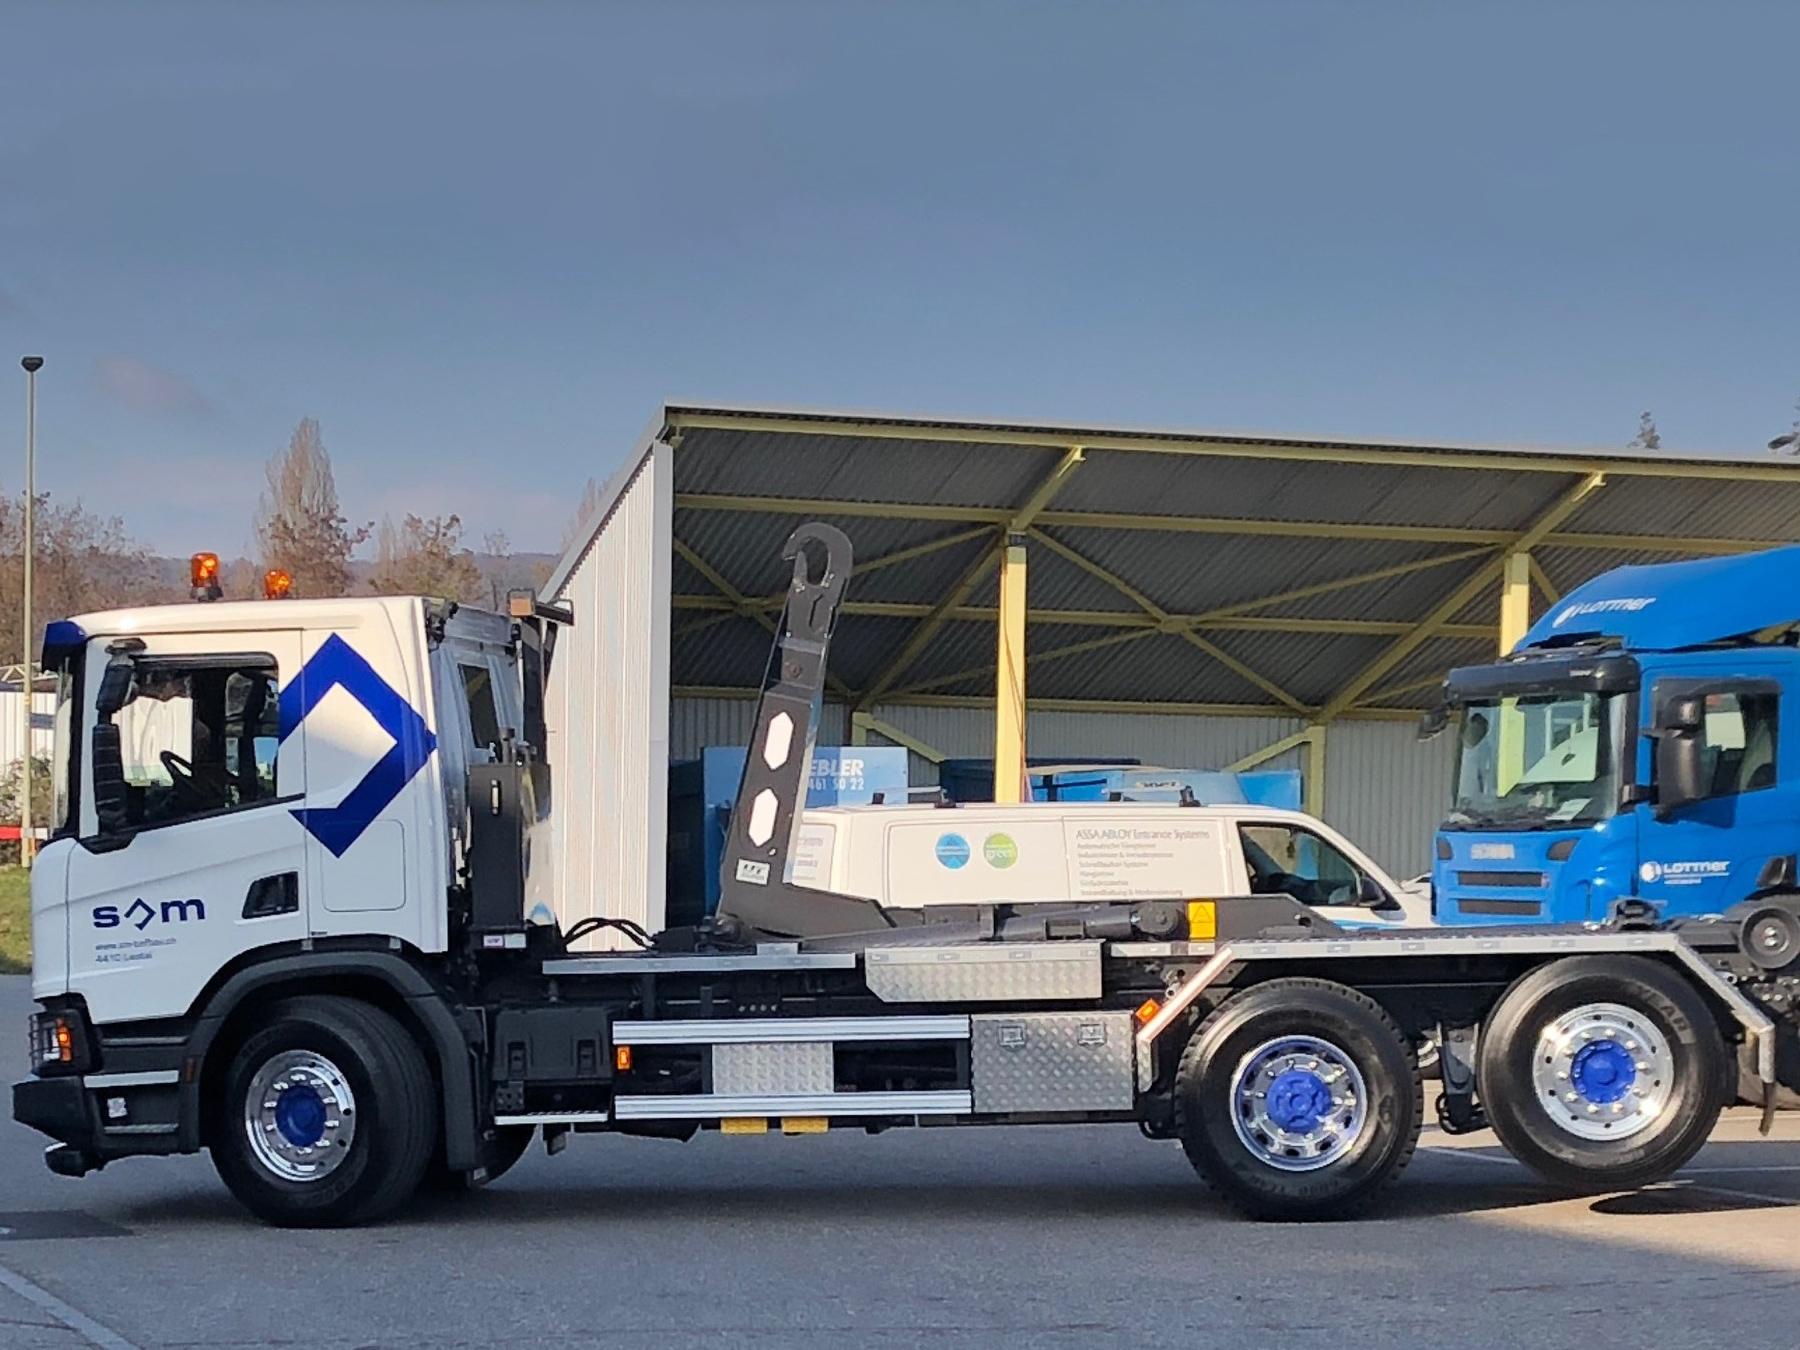 Welaki: Weisser 3-Achser Lastwagen mit UT Haken-Abrollkipper.